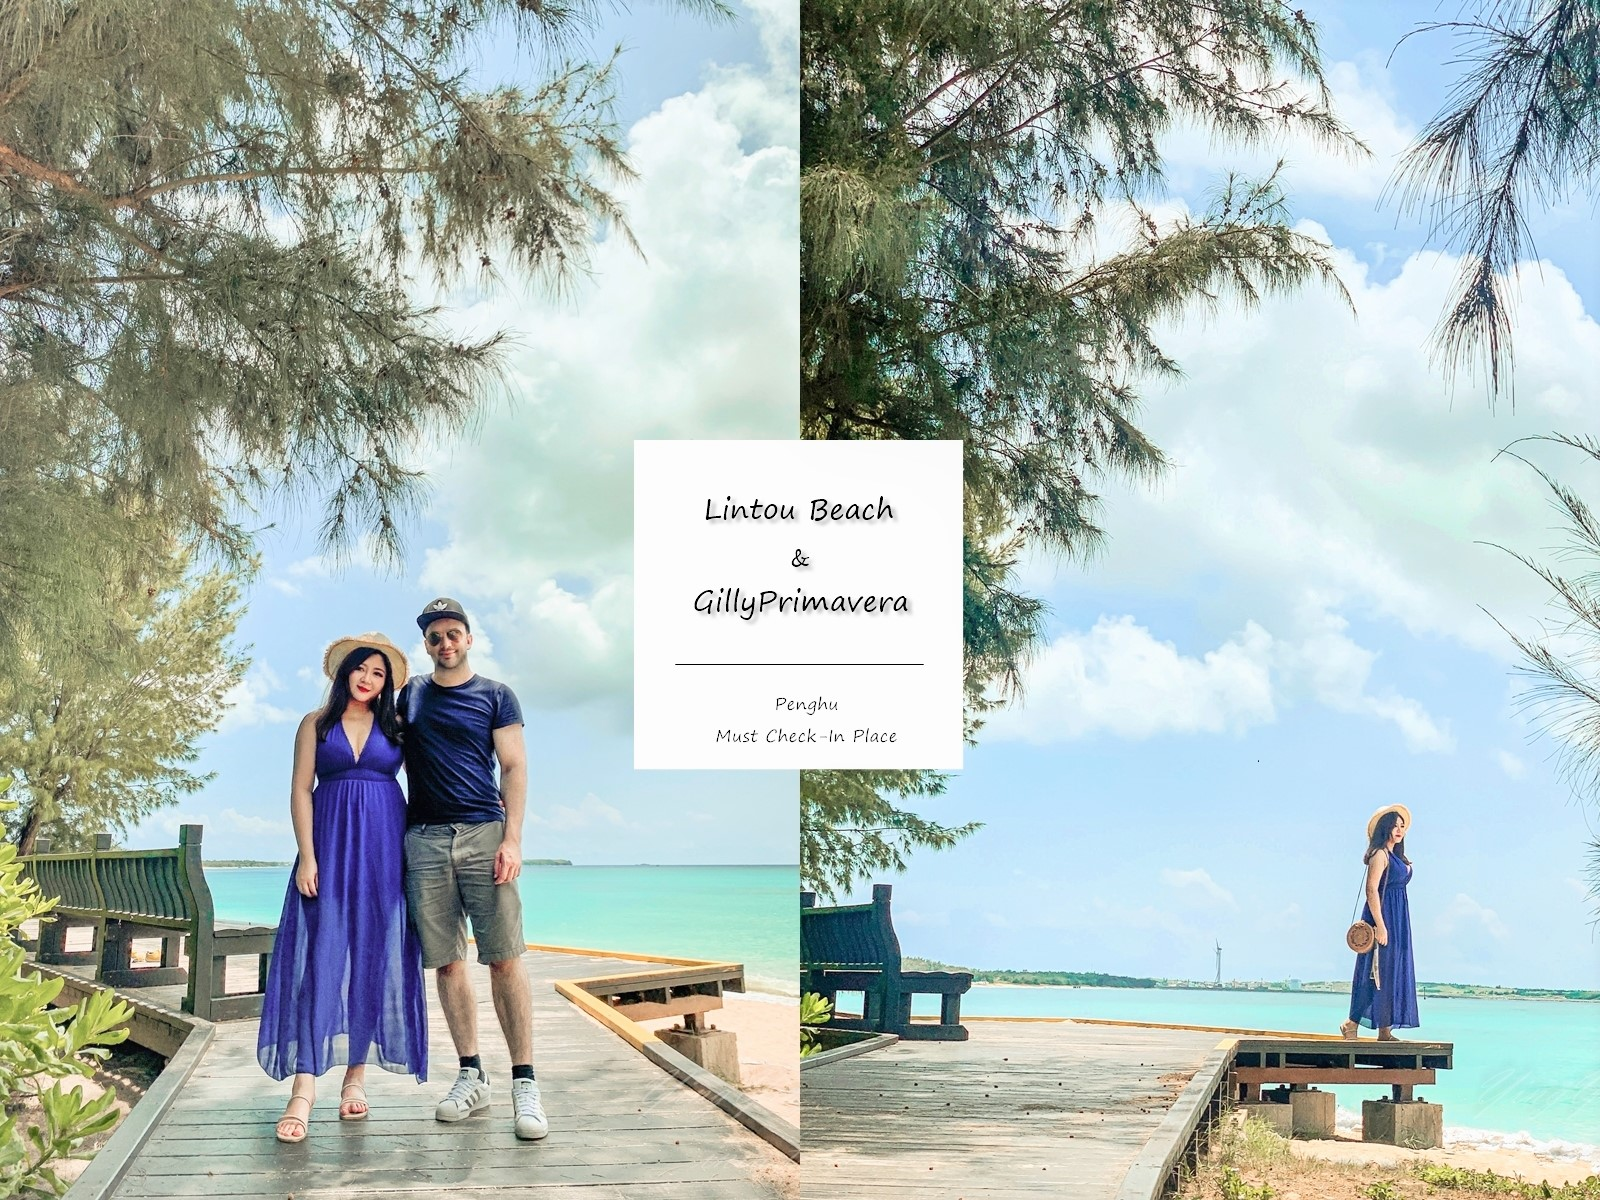 澎湖。湖西 | 林投公園/林投沙灘/及林春咖啡館 最好拍的澎湖沙灘.IG網美卡打點